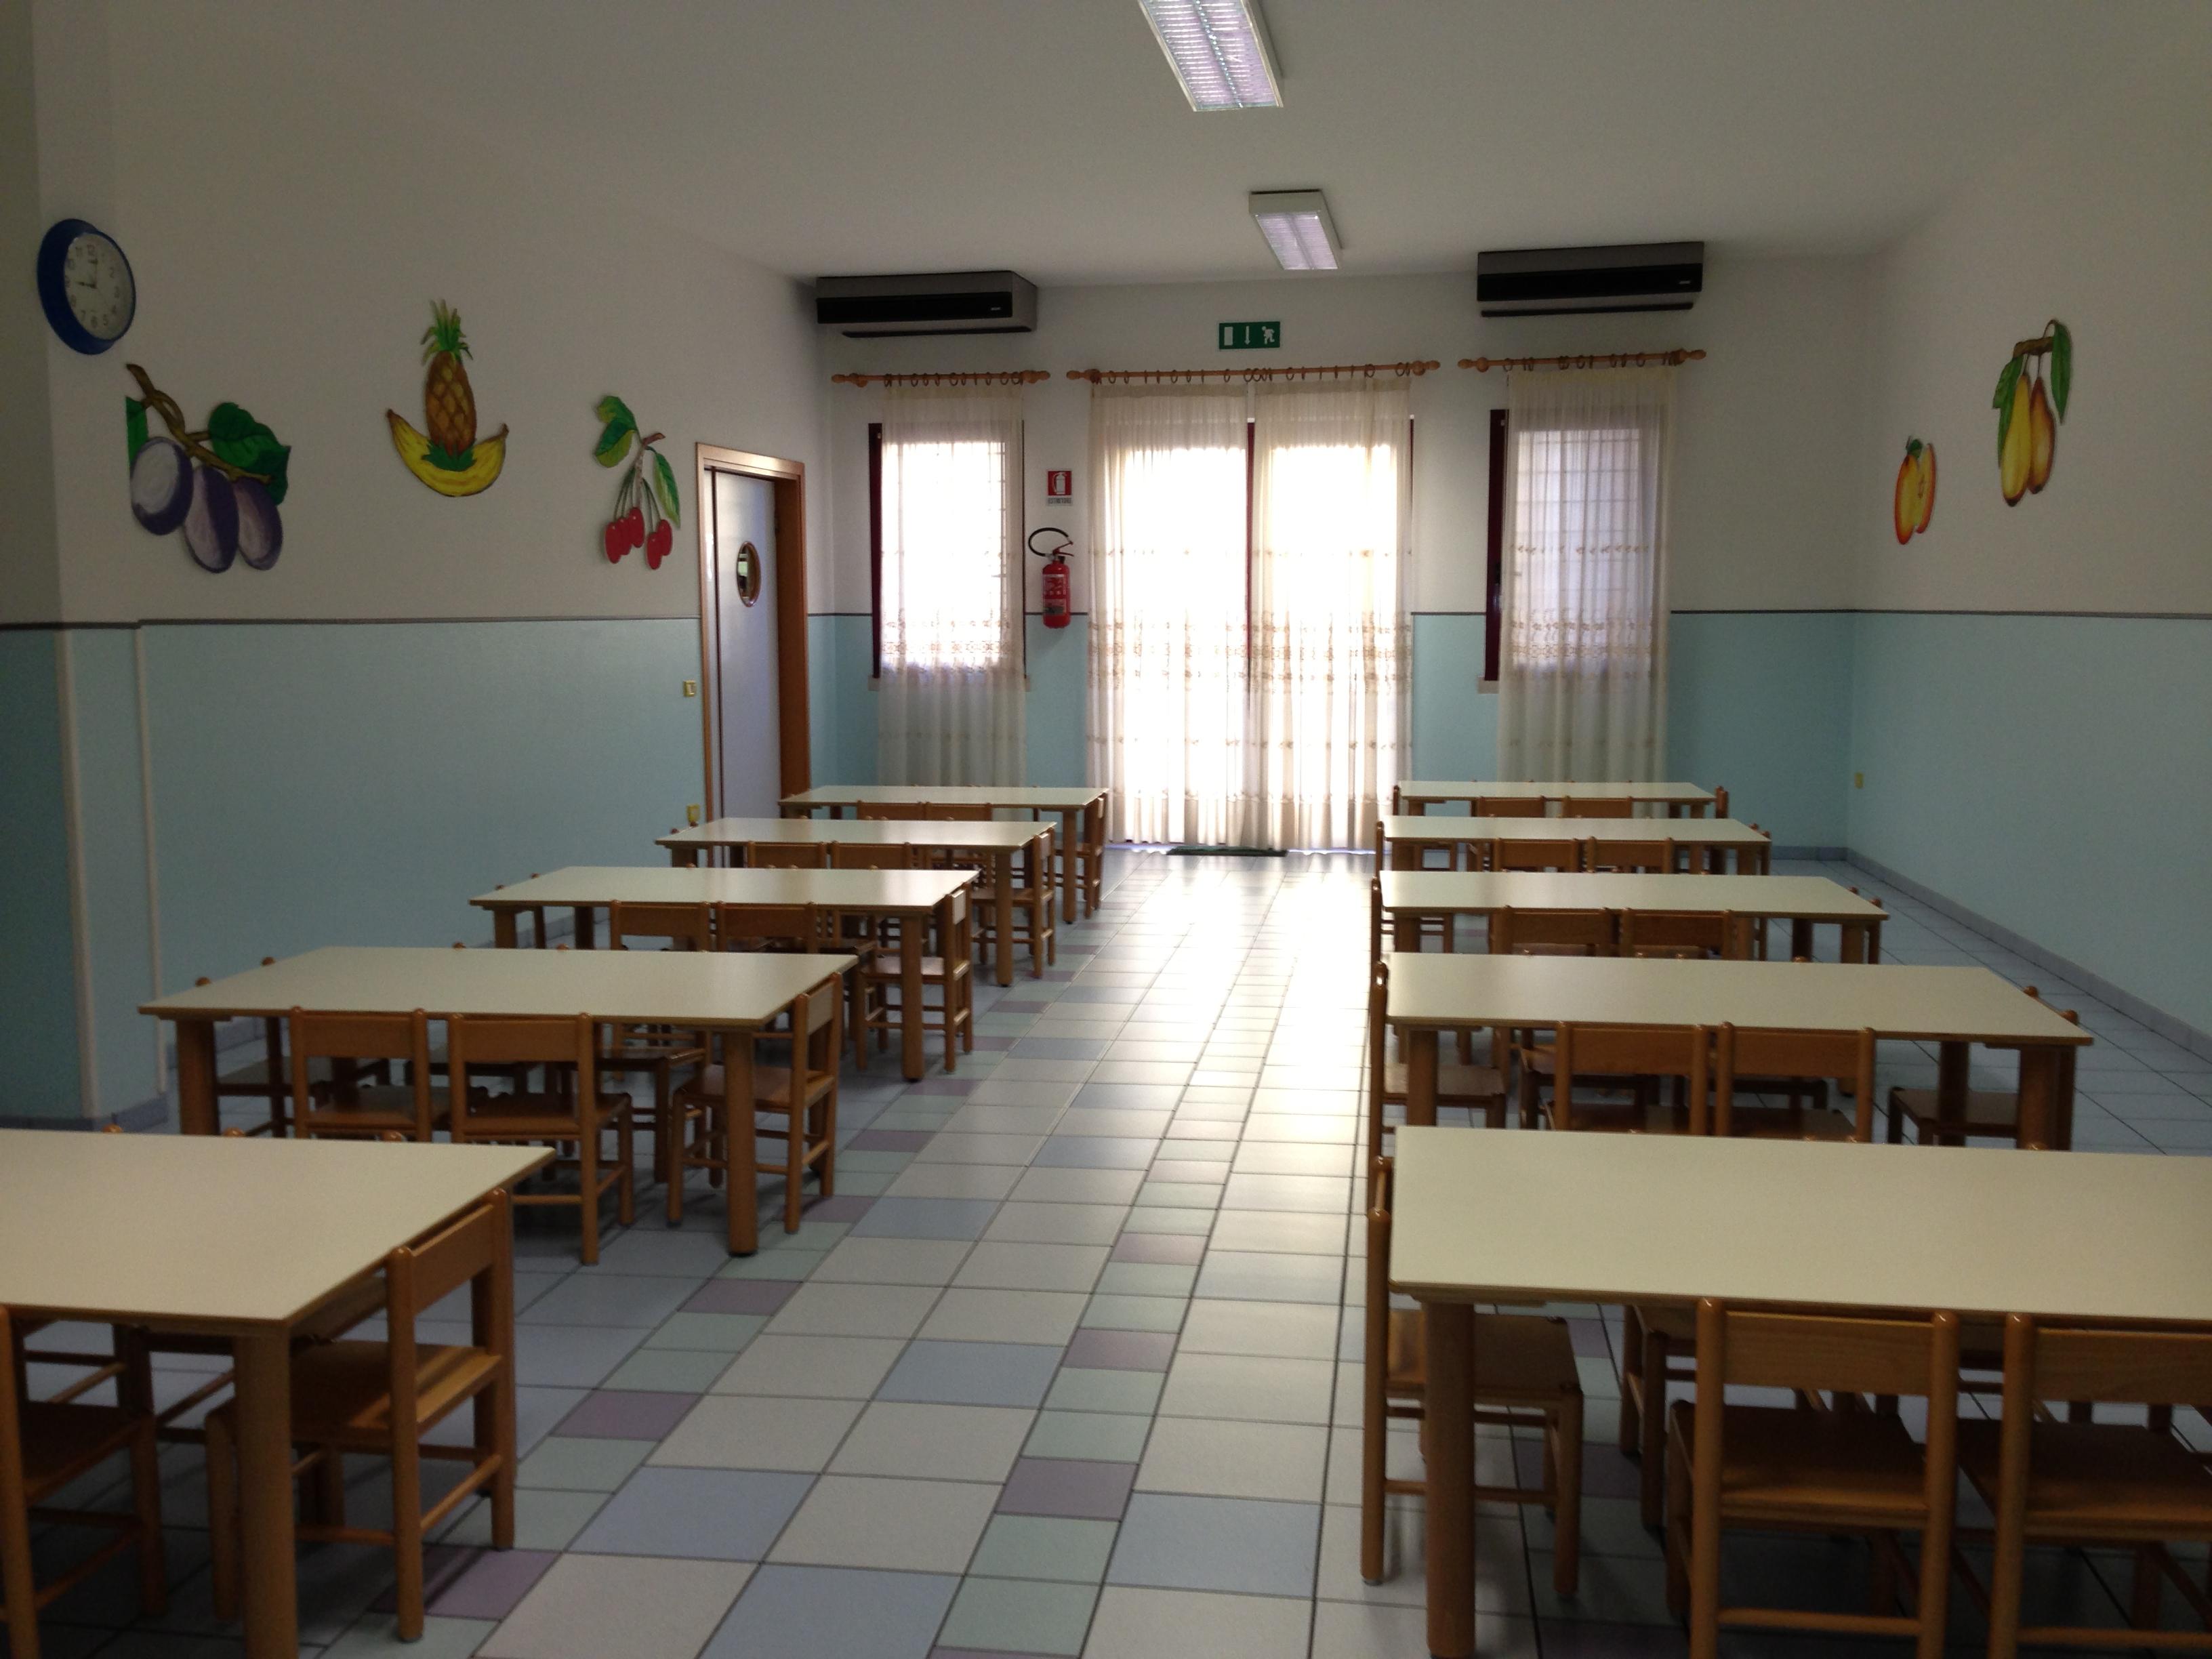 Autorizzazione foto ricordo scuola 12